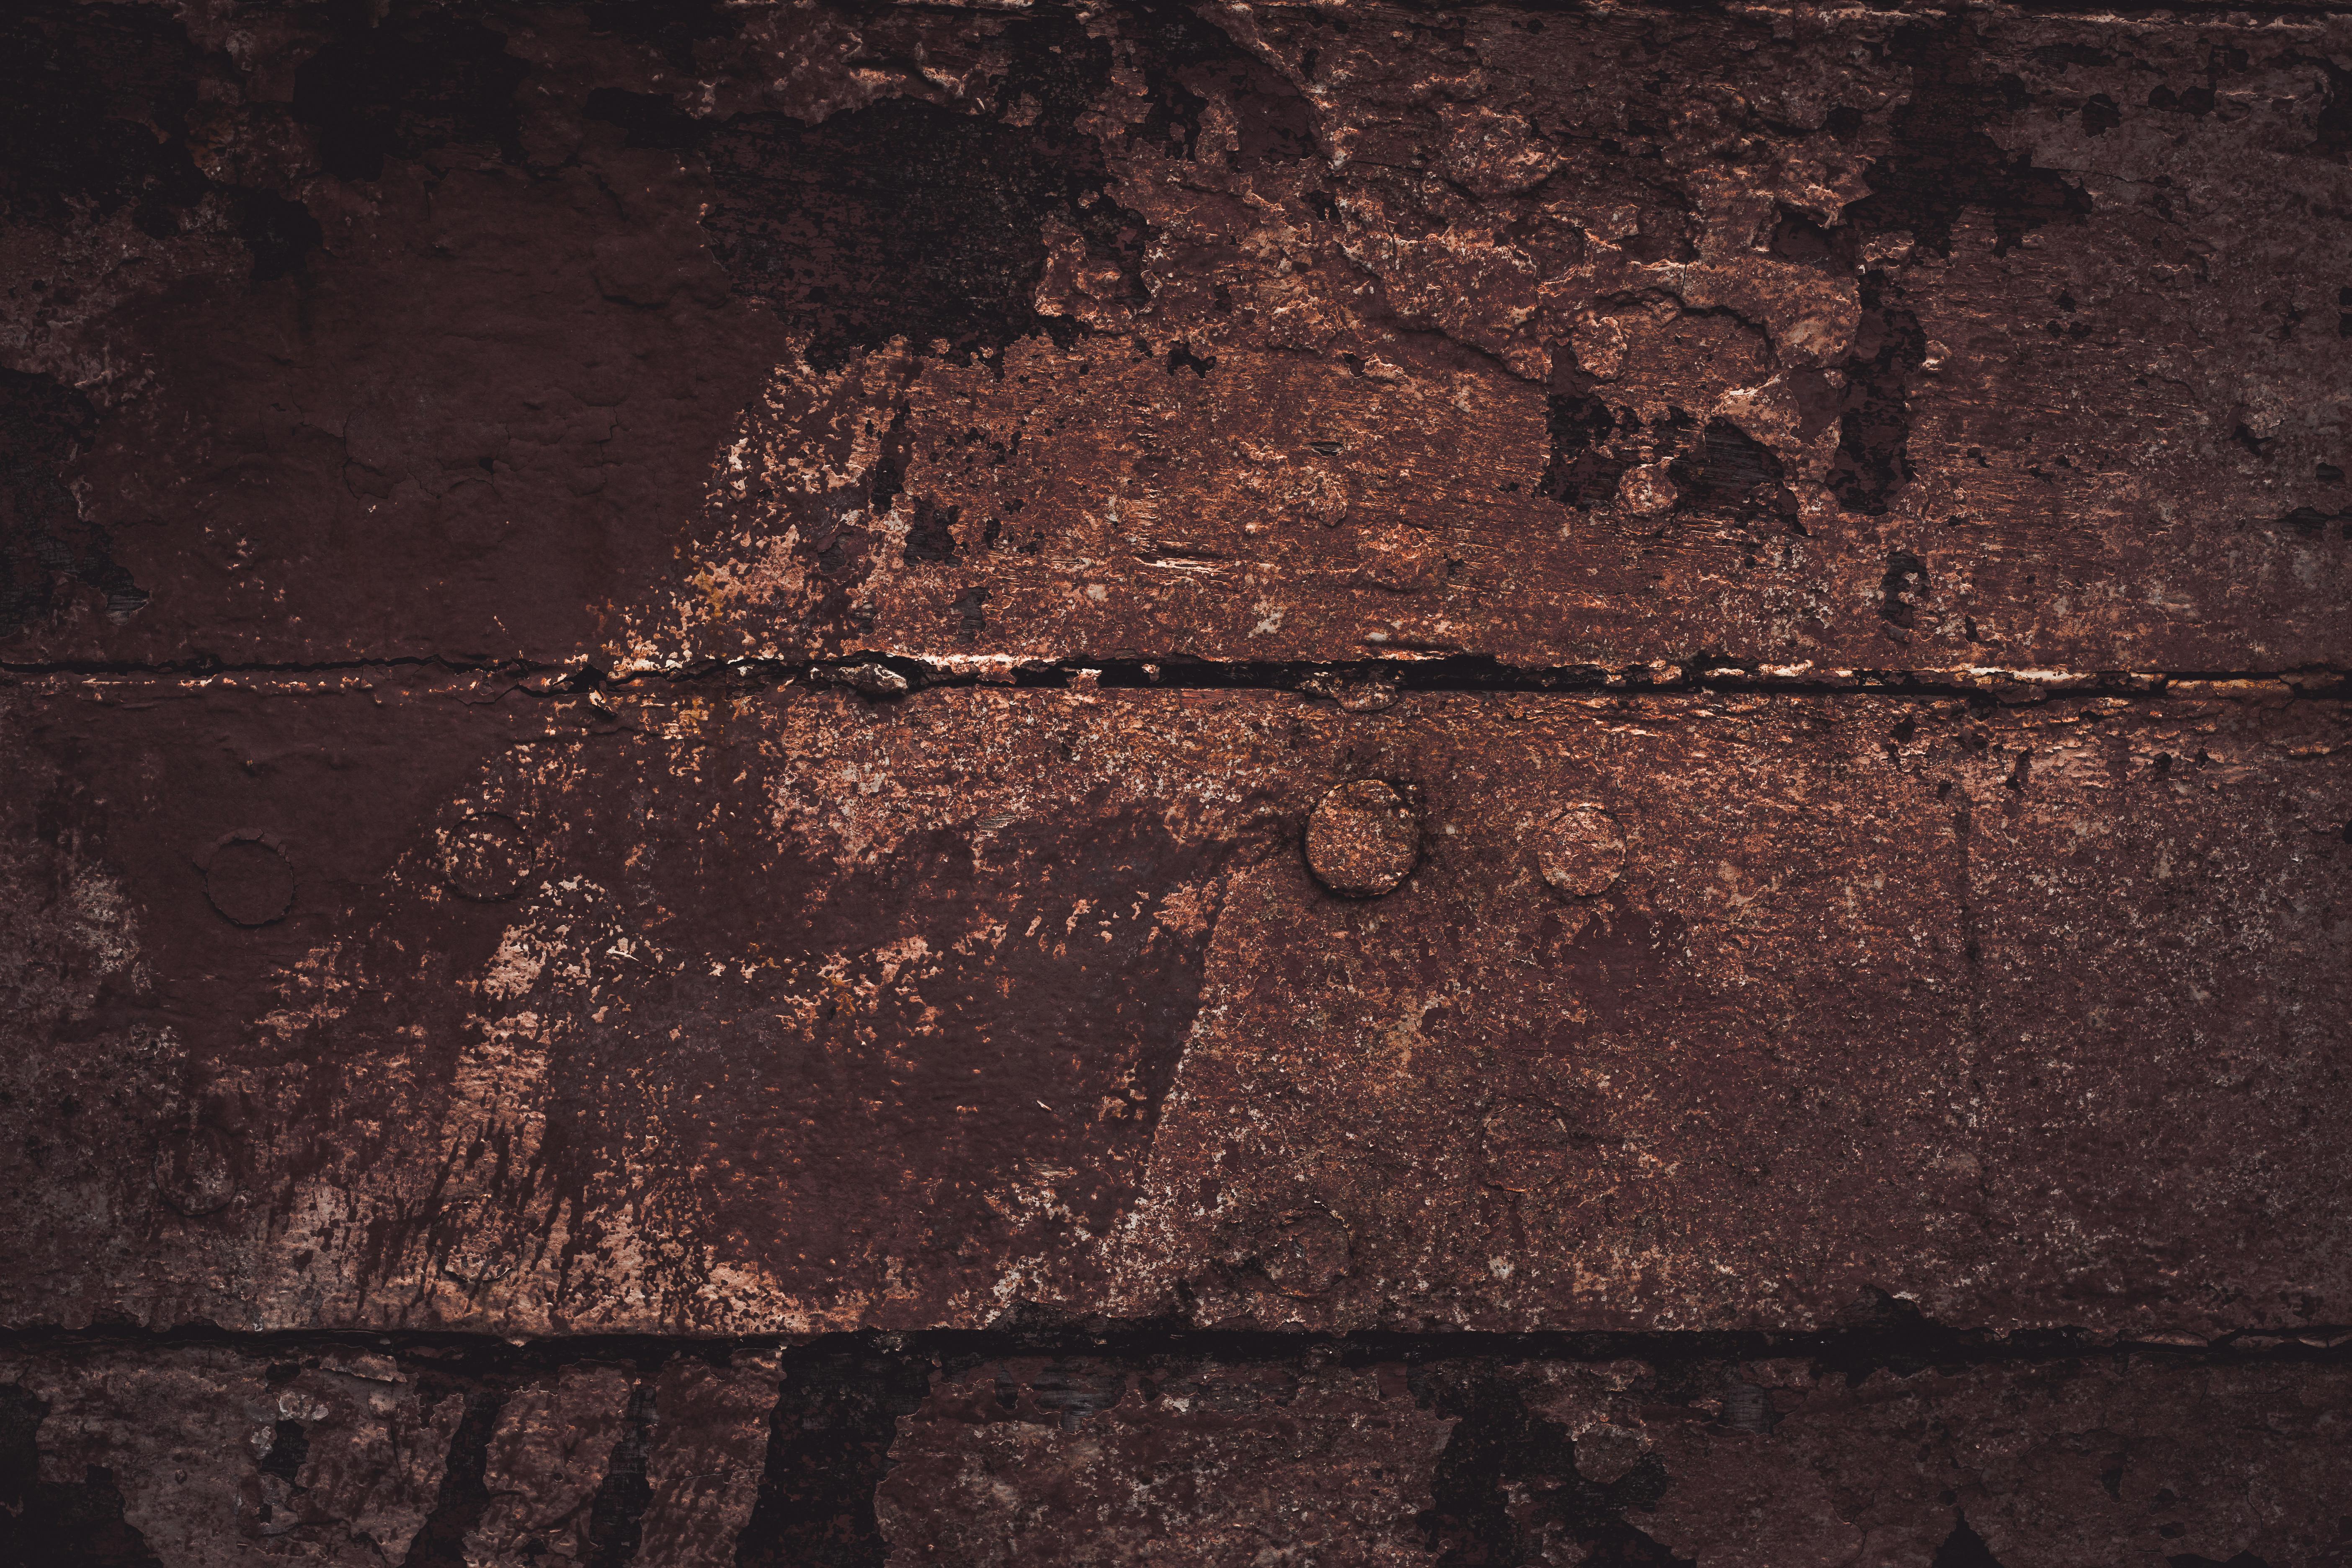 Grunge Wood Texture, Damaged, Dark, Gloomy, Grunge, HQ Photo